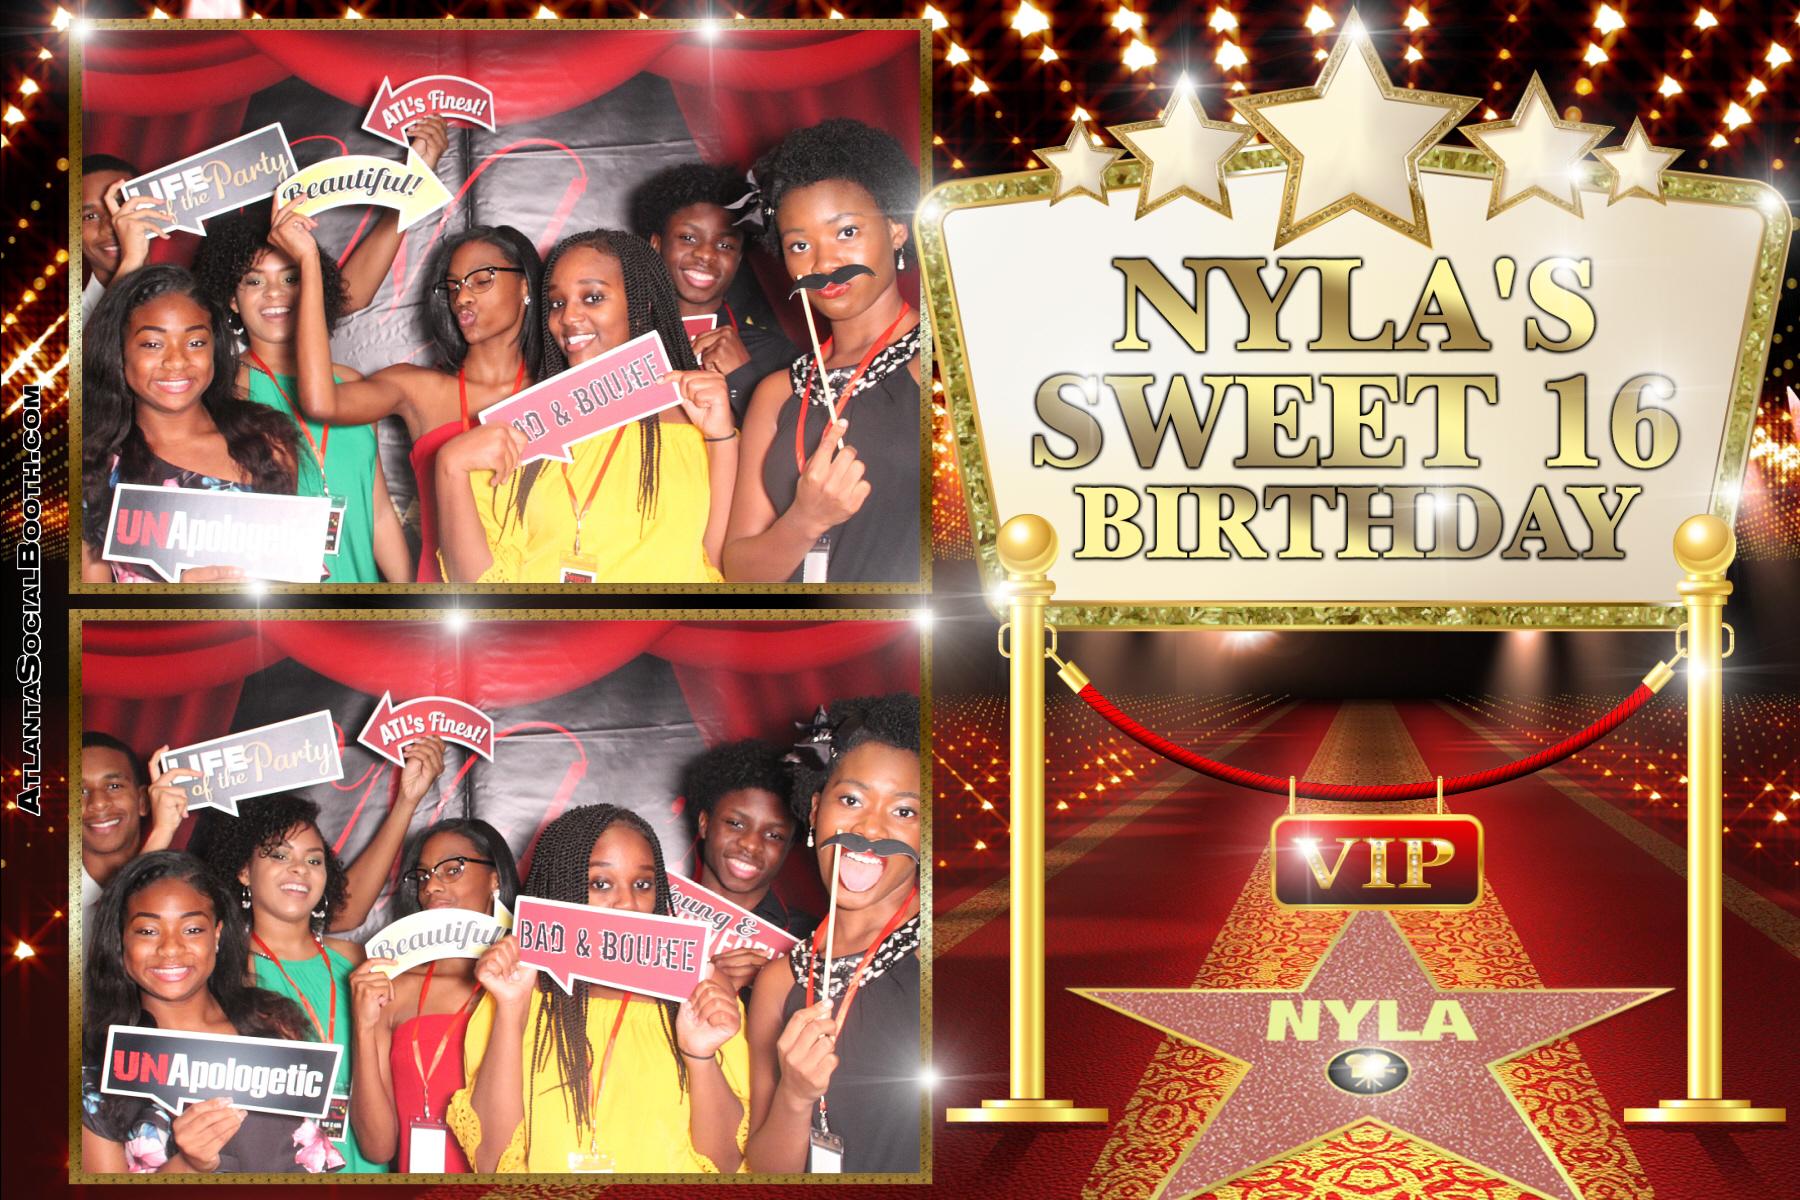 Nyla's Sweet 16